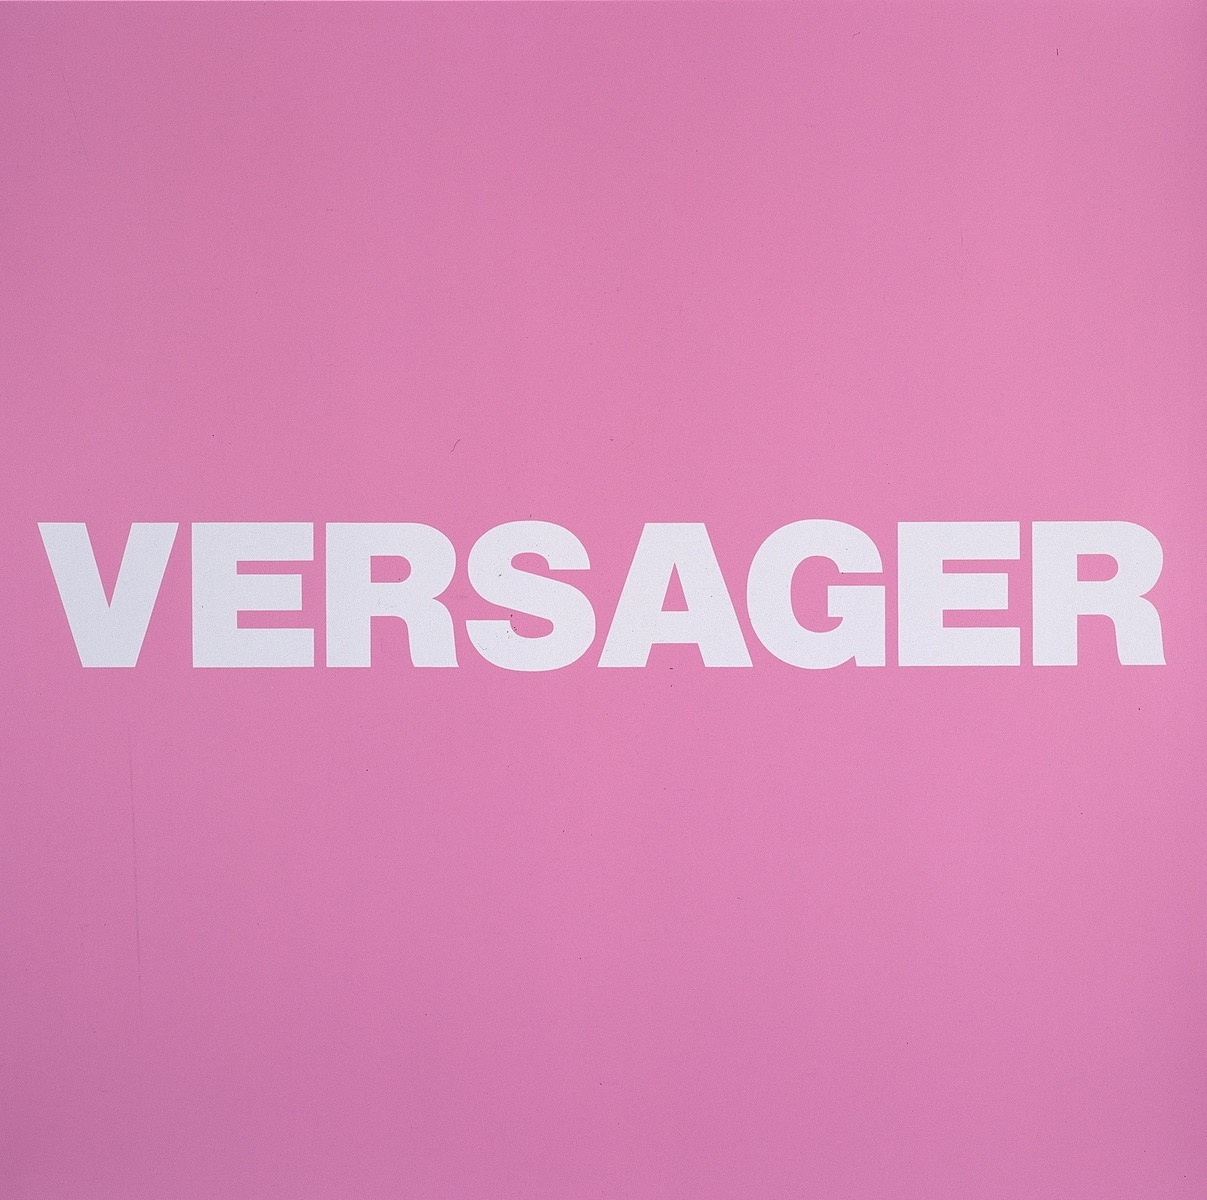 VERSAGER, ROSA | Affirmation tut gut | Angelika Beuler | 1992